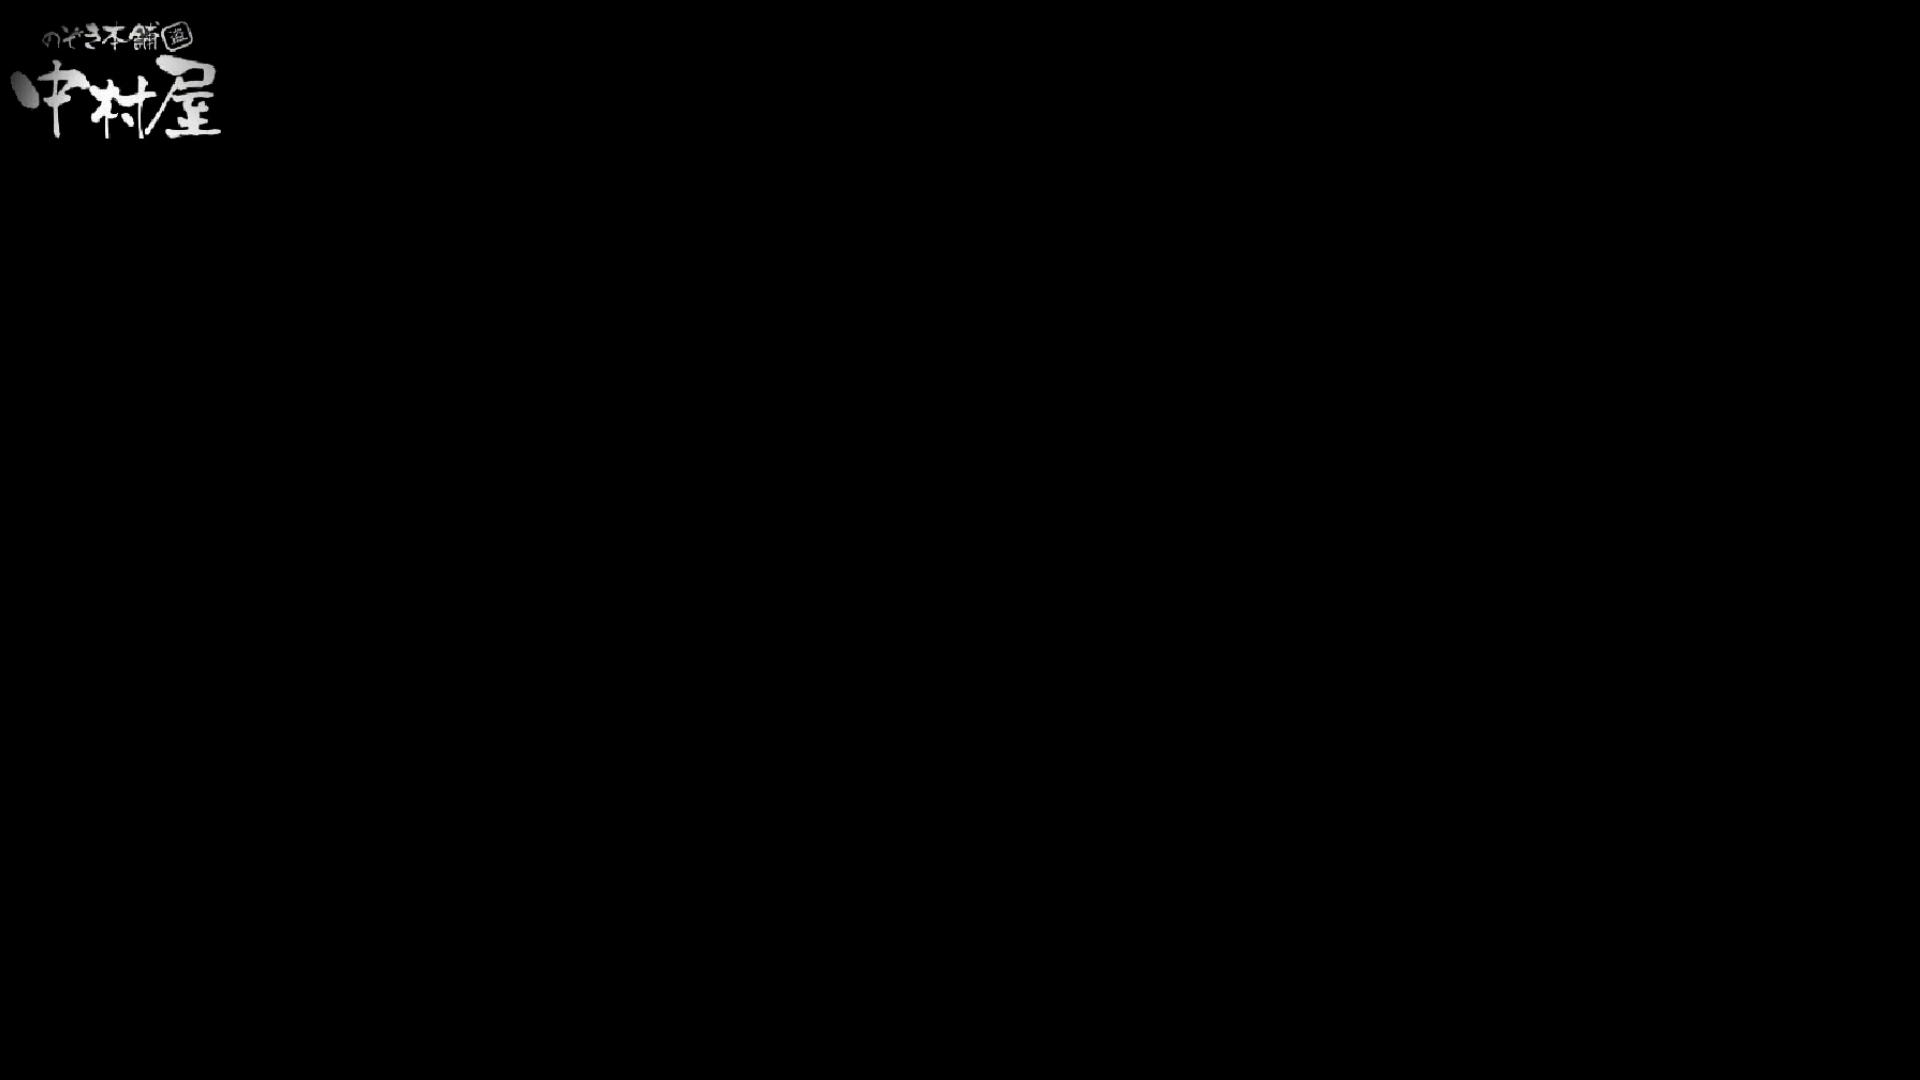 雅さんが厳選新年特別コンテンツ!激走!東京マラソン選手専用女子トイレvol.9 排泄隠し撮り 覗きおまんこ画像 101pic 99